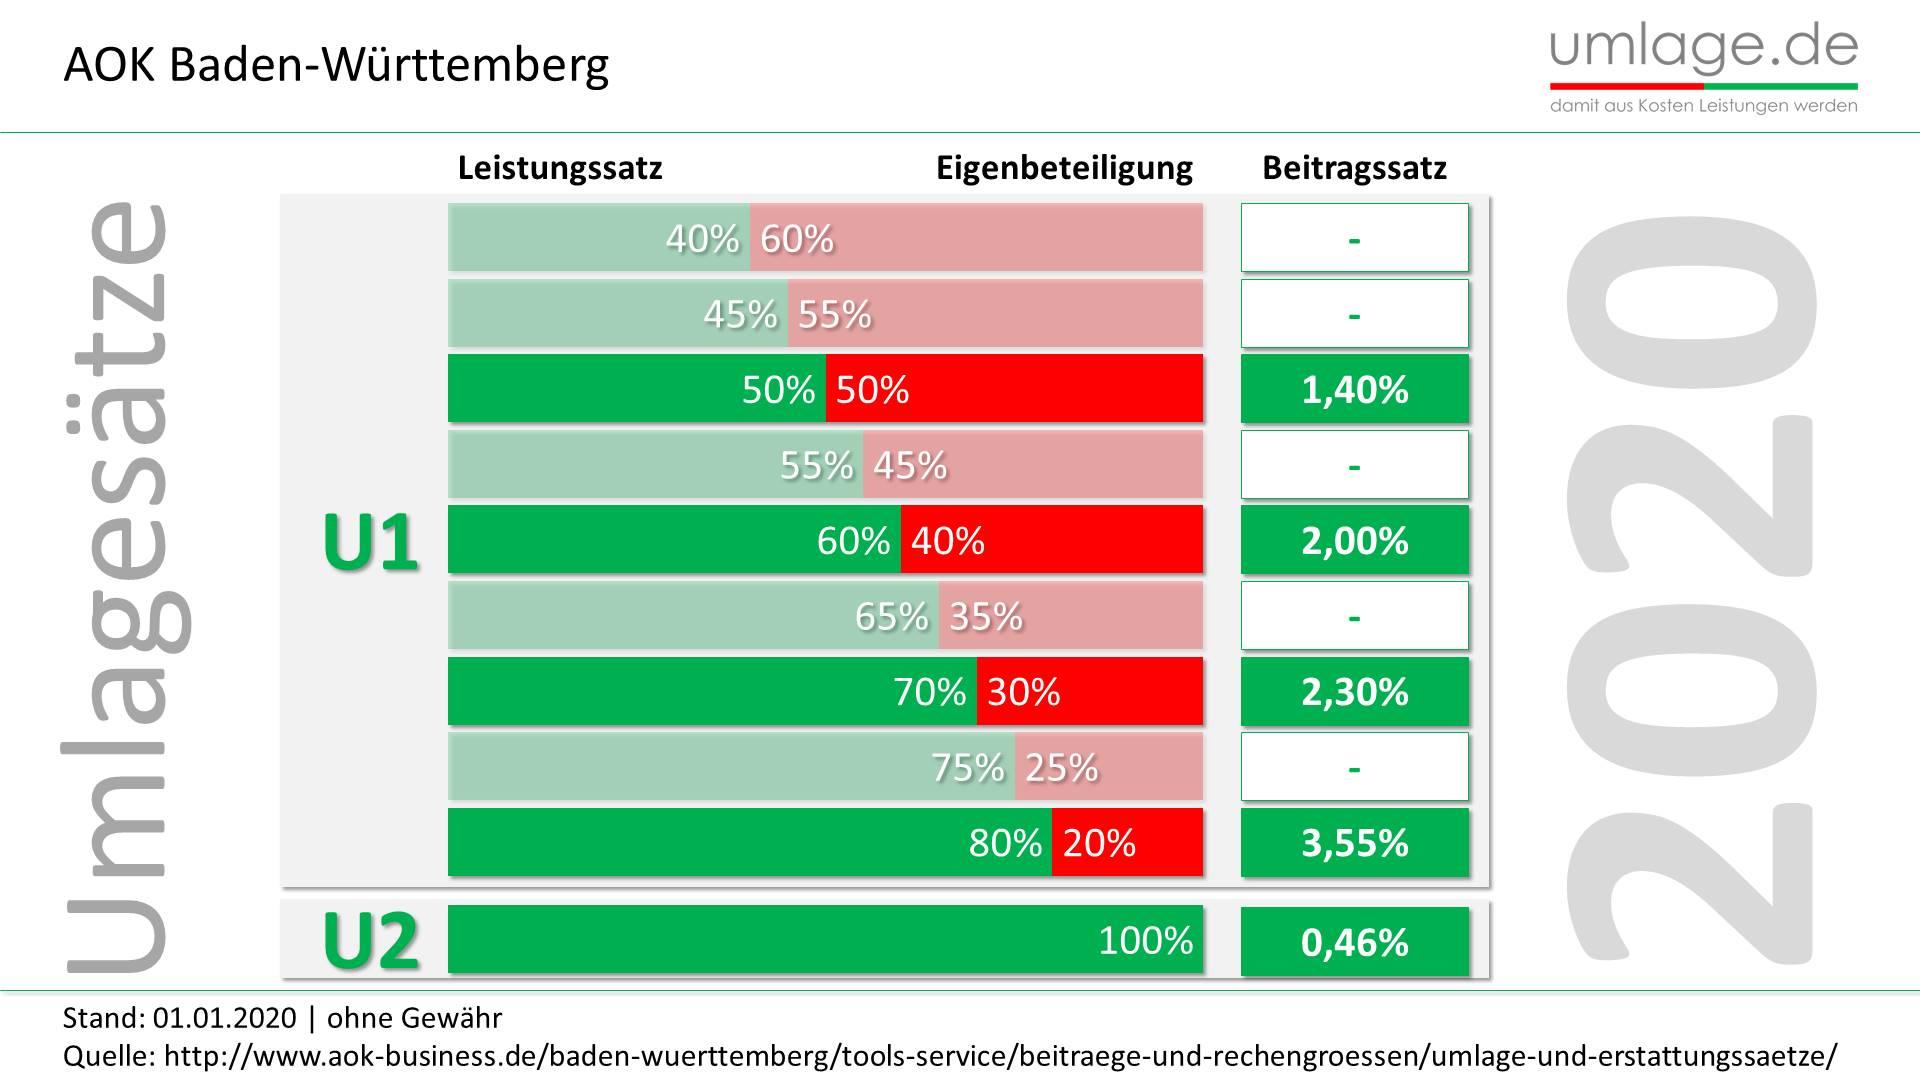 AOK Baden-Württemberg Umlagesätze 2020 aktuell